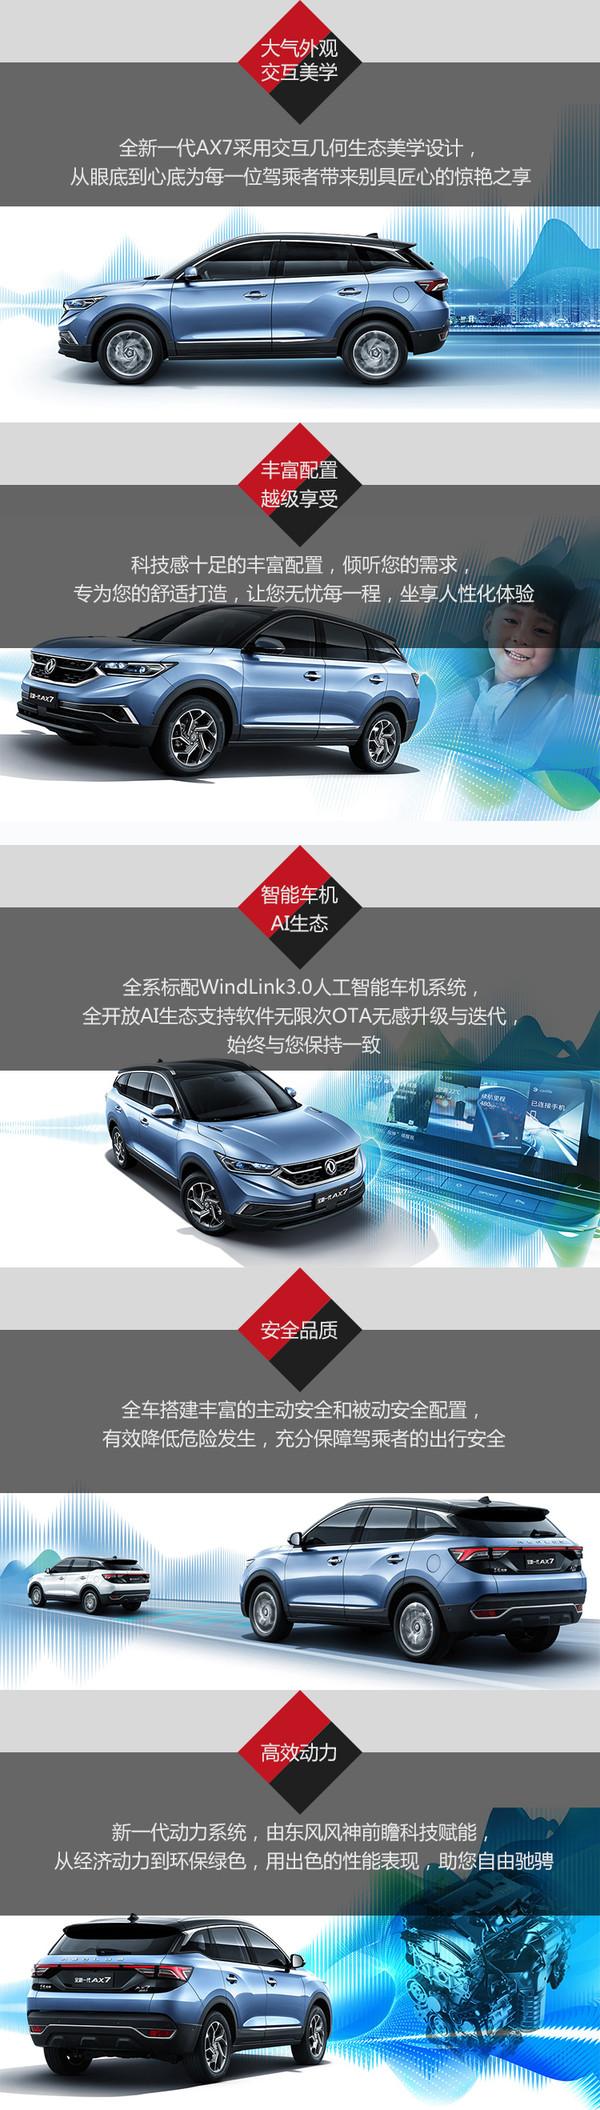 东风 风神 全新一代AX7 线上专享优惠